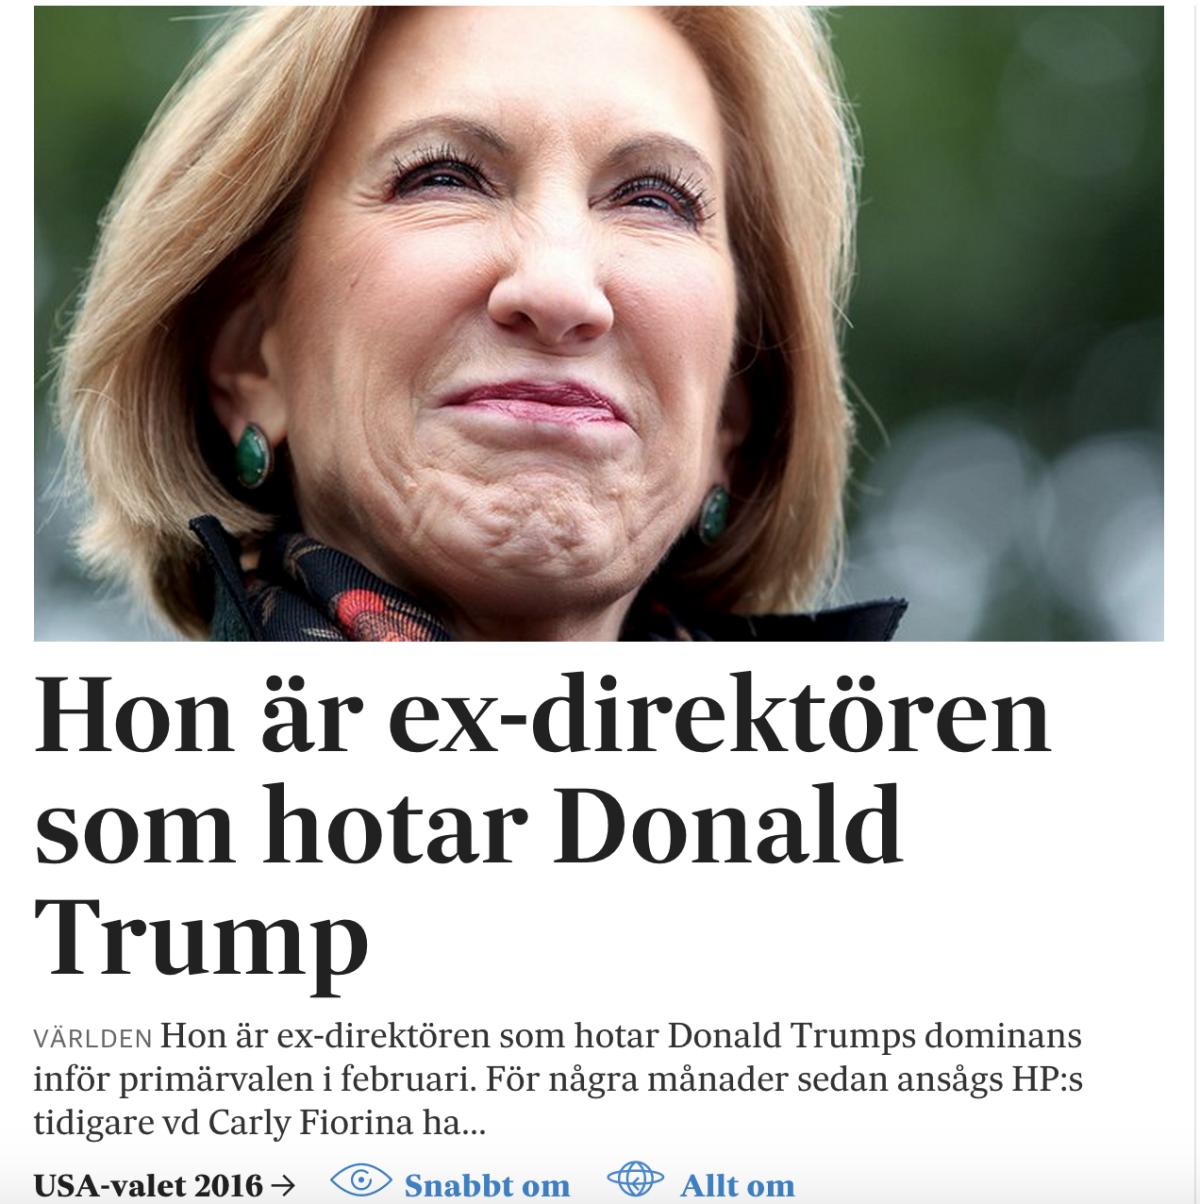 Fiorina-artikeln på svd.se.